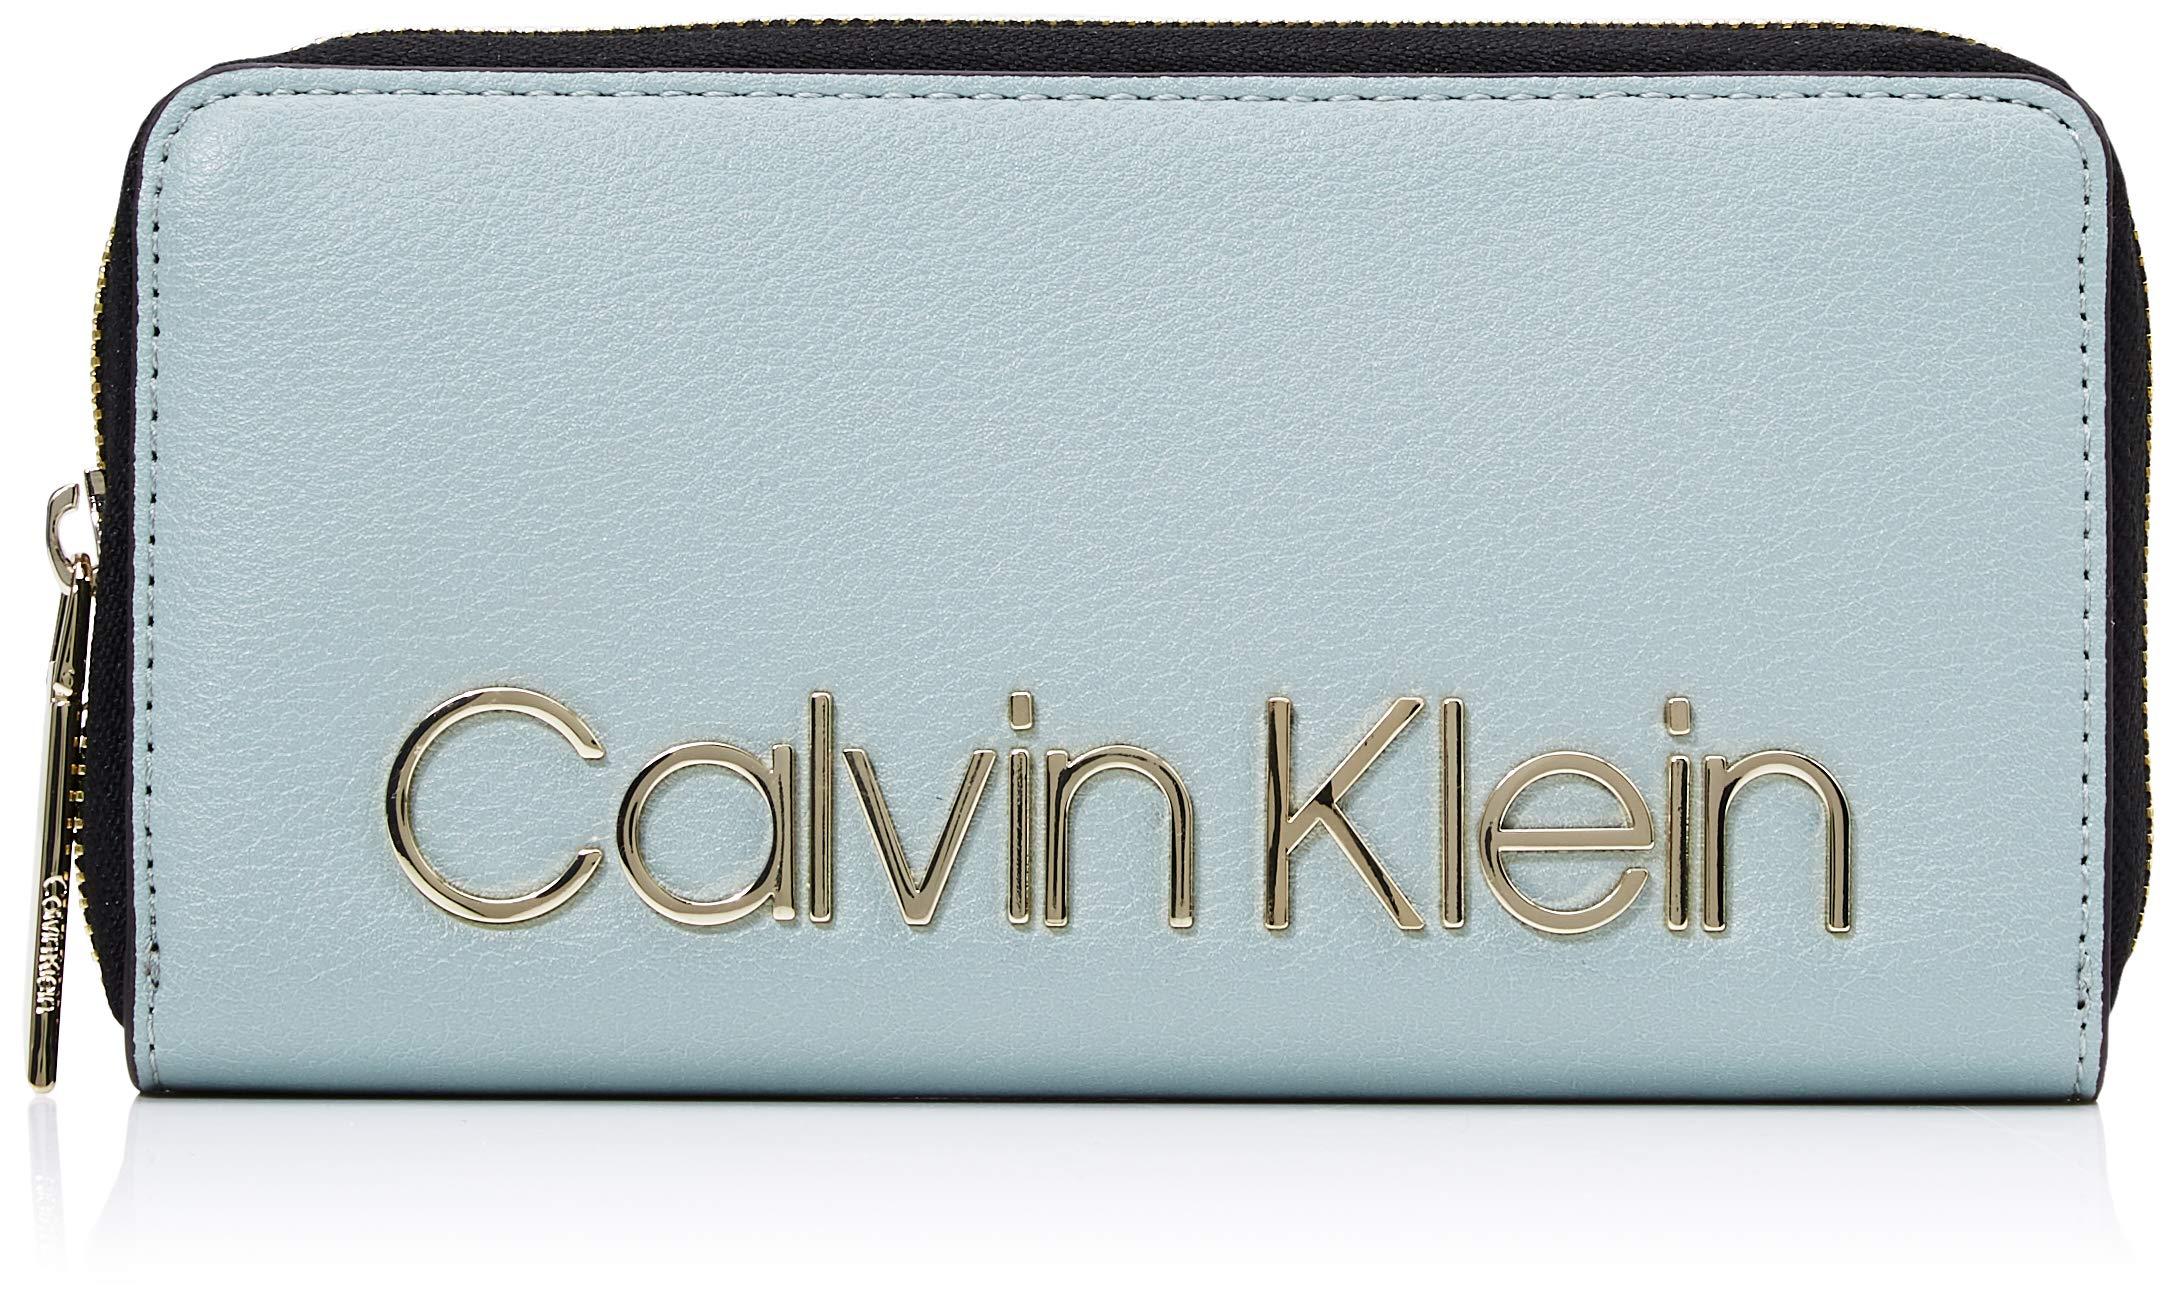 X Calvin H Cmw ZiparoundPortefeuilles Klein L Must FemmeGrisfern1x1x1 Ck Lrg PXuOikZ